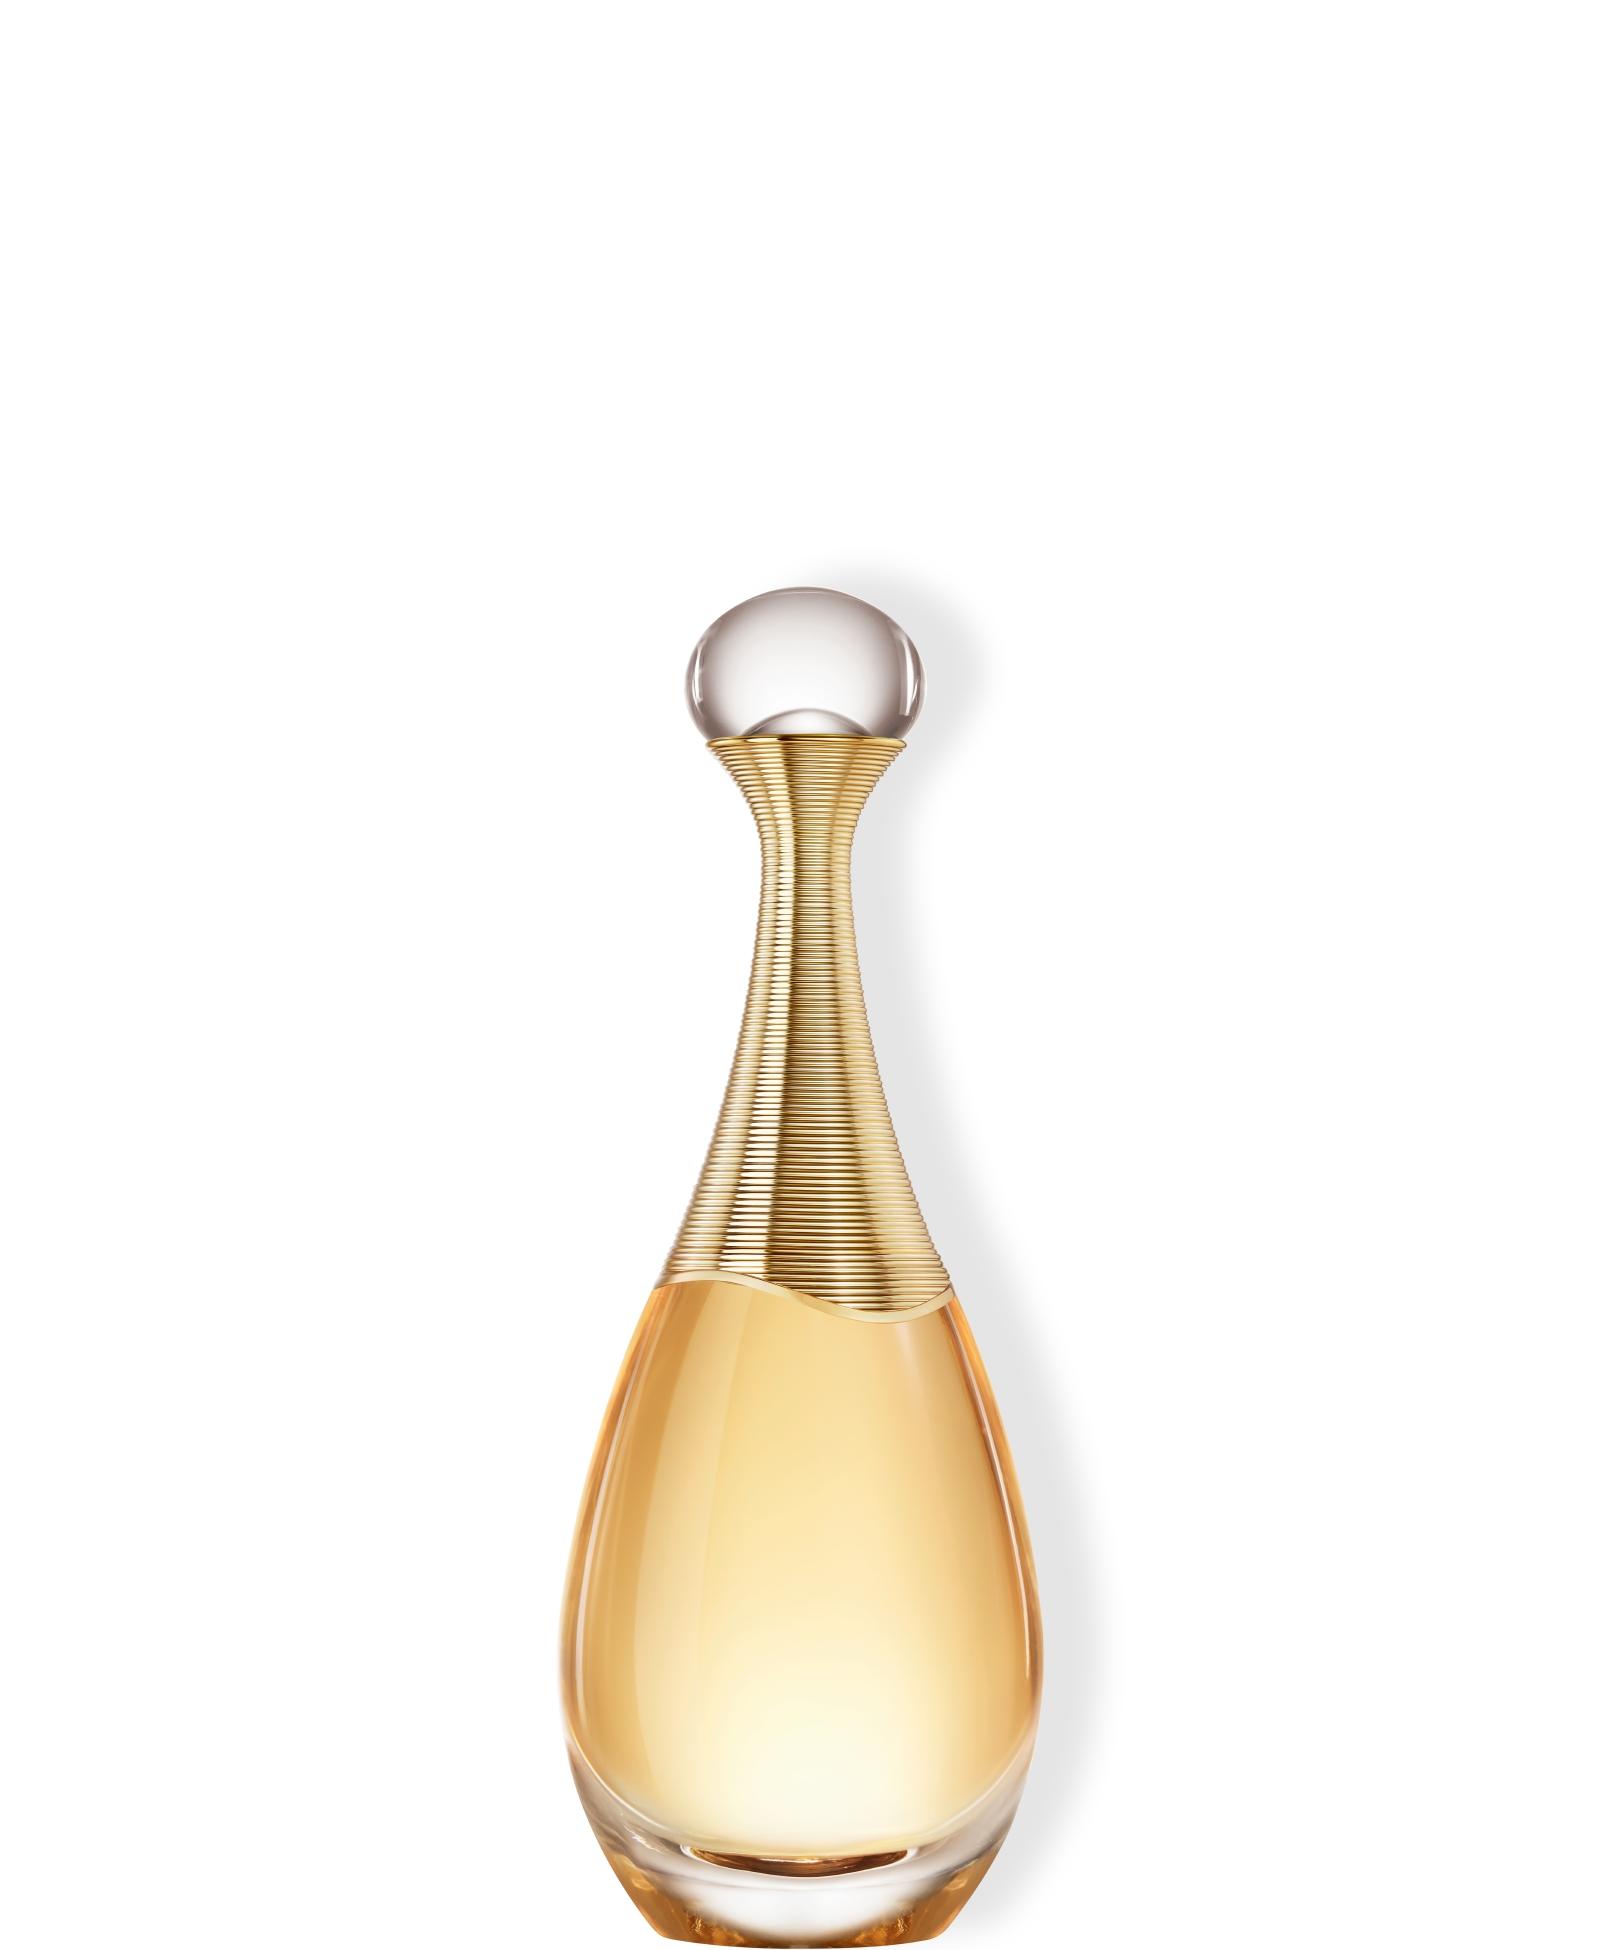 DIOR J'adore Eau de Parfum, 50 ml